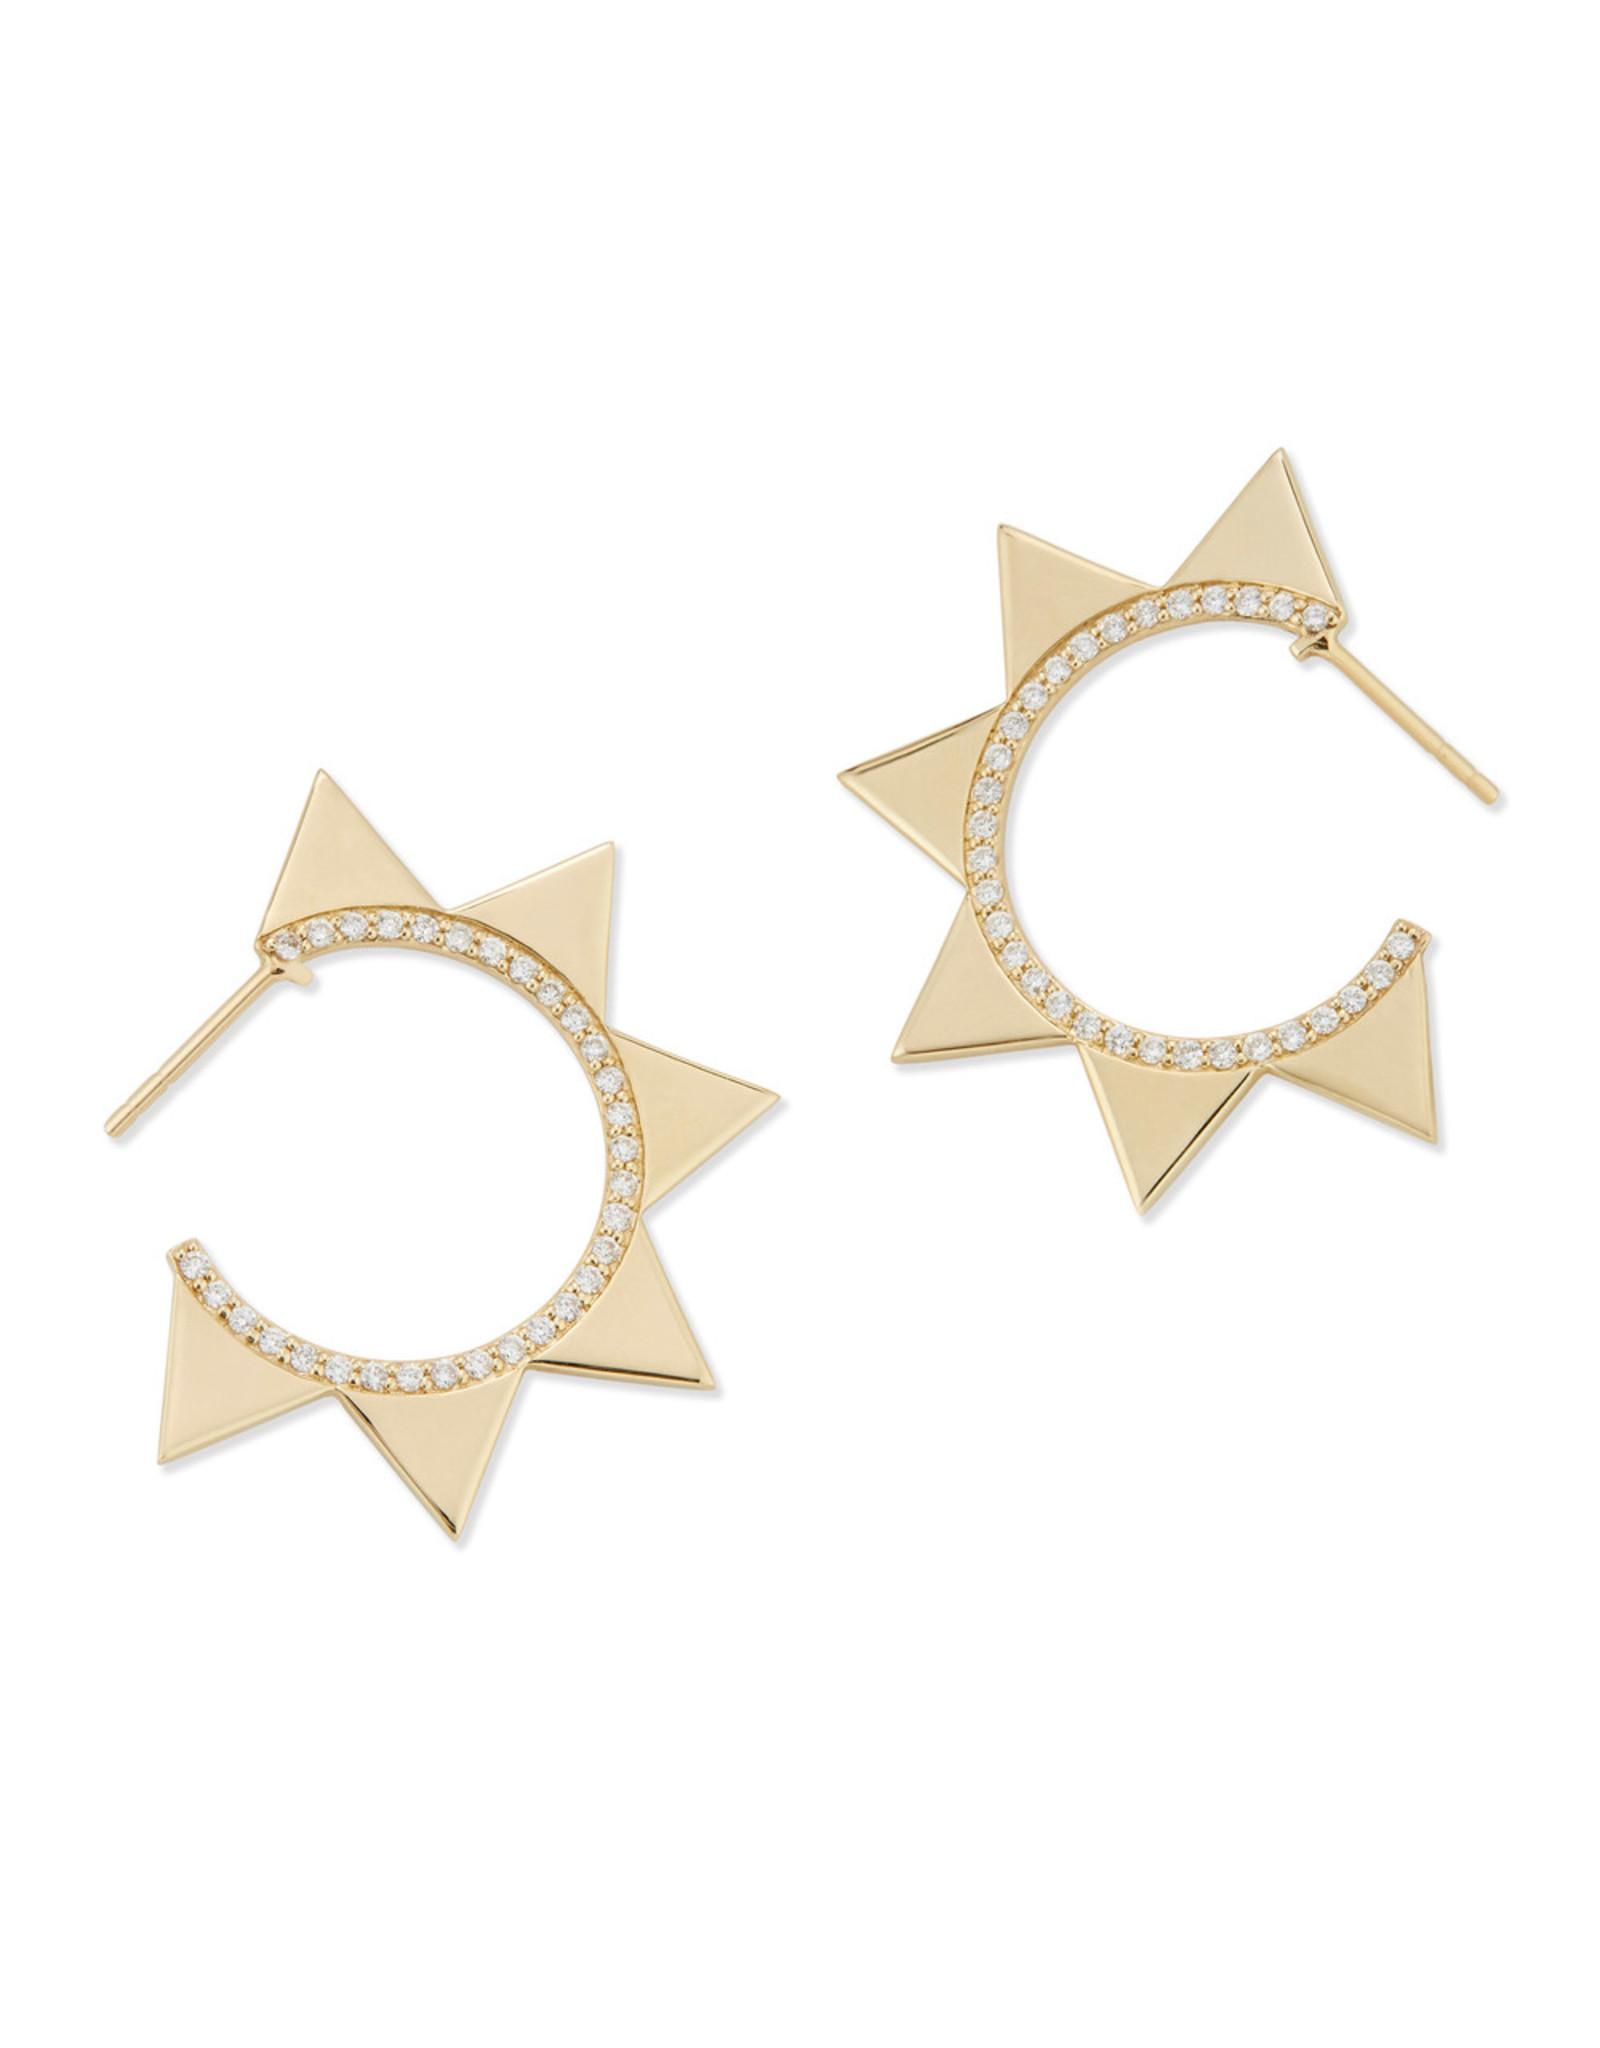 Bondeye Jewelry Bondeye Venus 14K Yellow-Gold Earrings (Color: Yellow Gold / White Diamond)